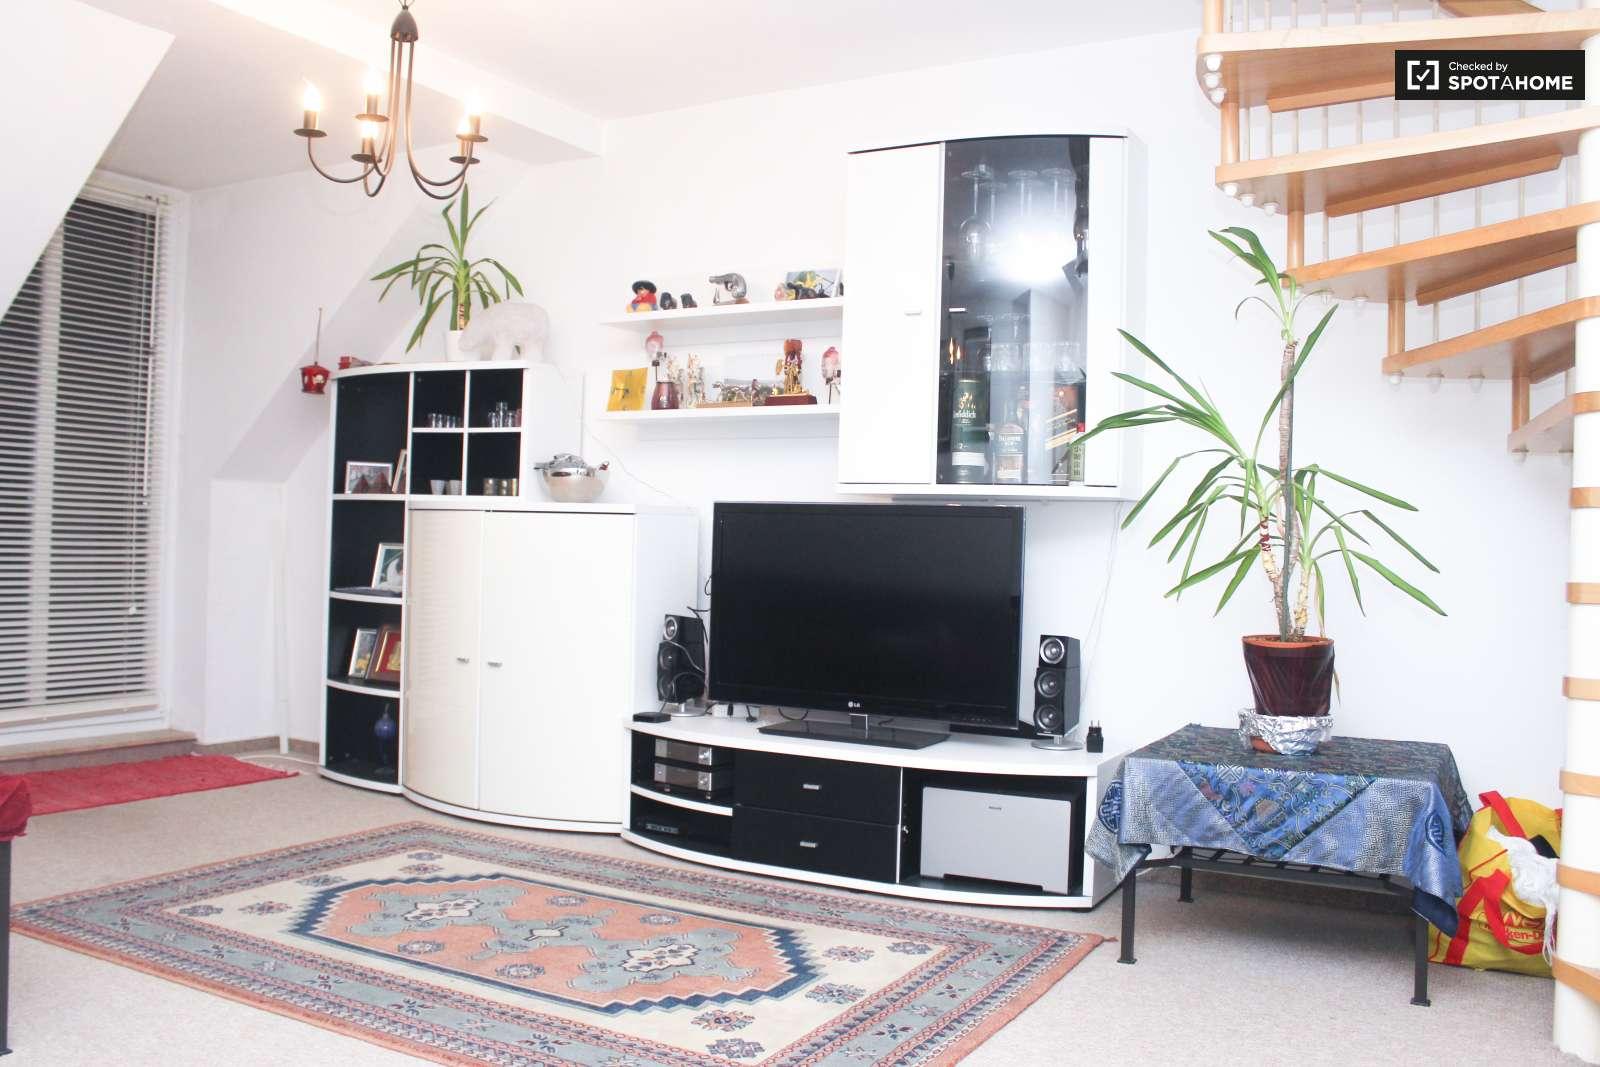 gro es zimmer in 3 zimmer wohnung in spandau berlin ref 120698 spotahome. Black Bedroom Furniture Sets. Home Design Ideas